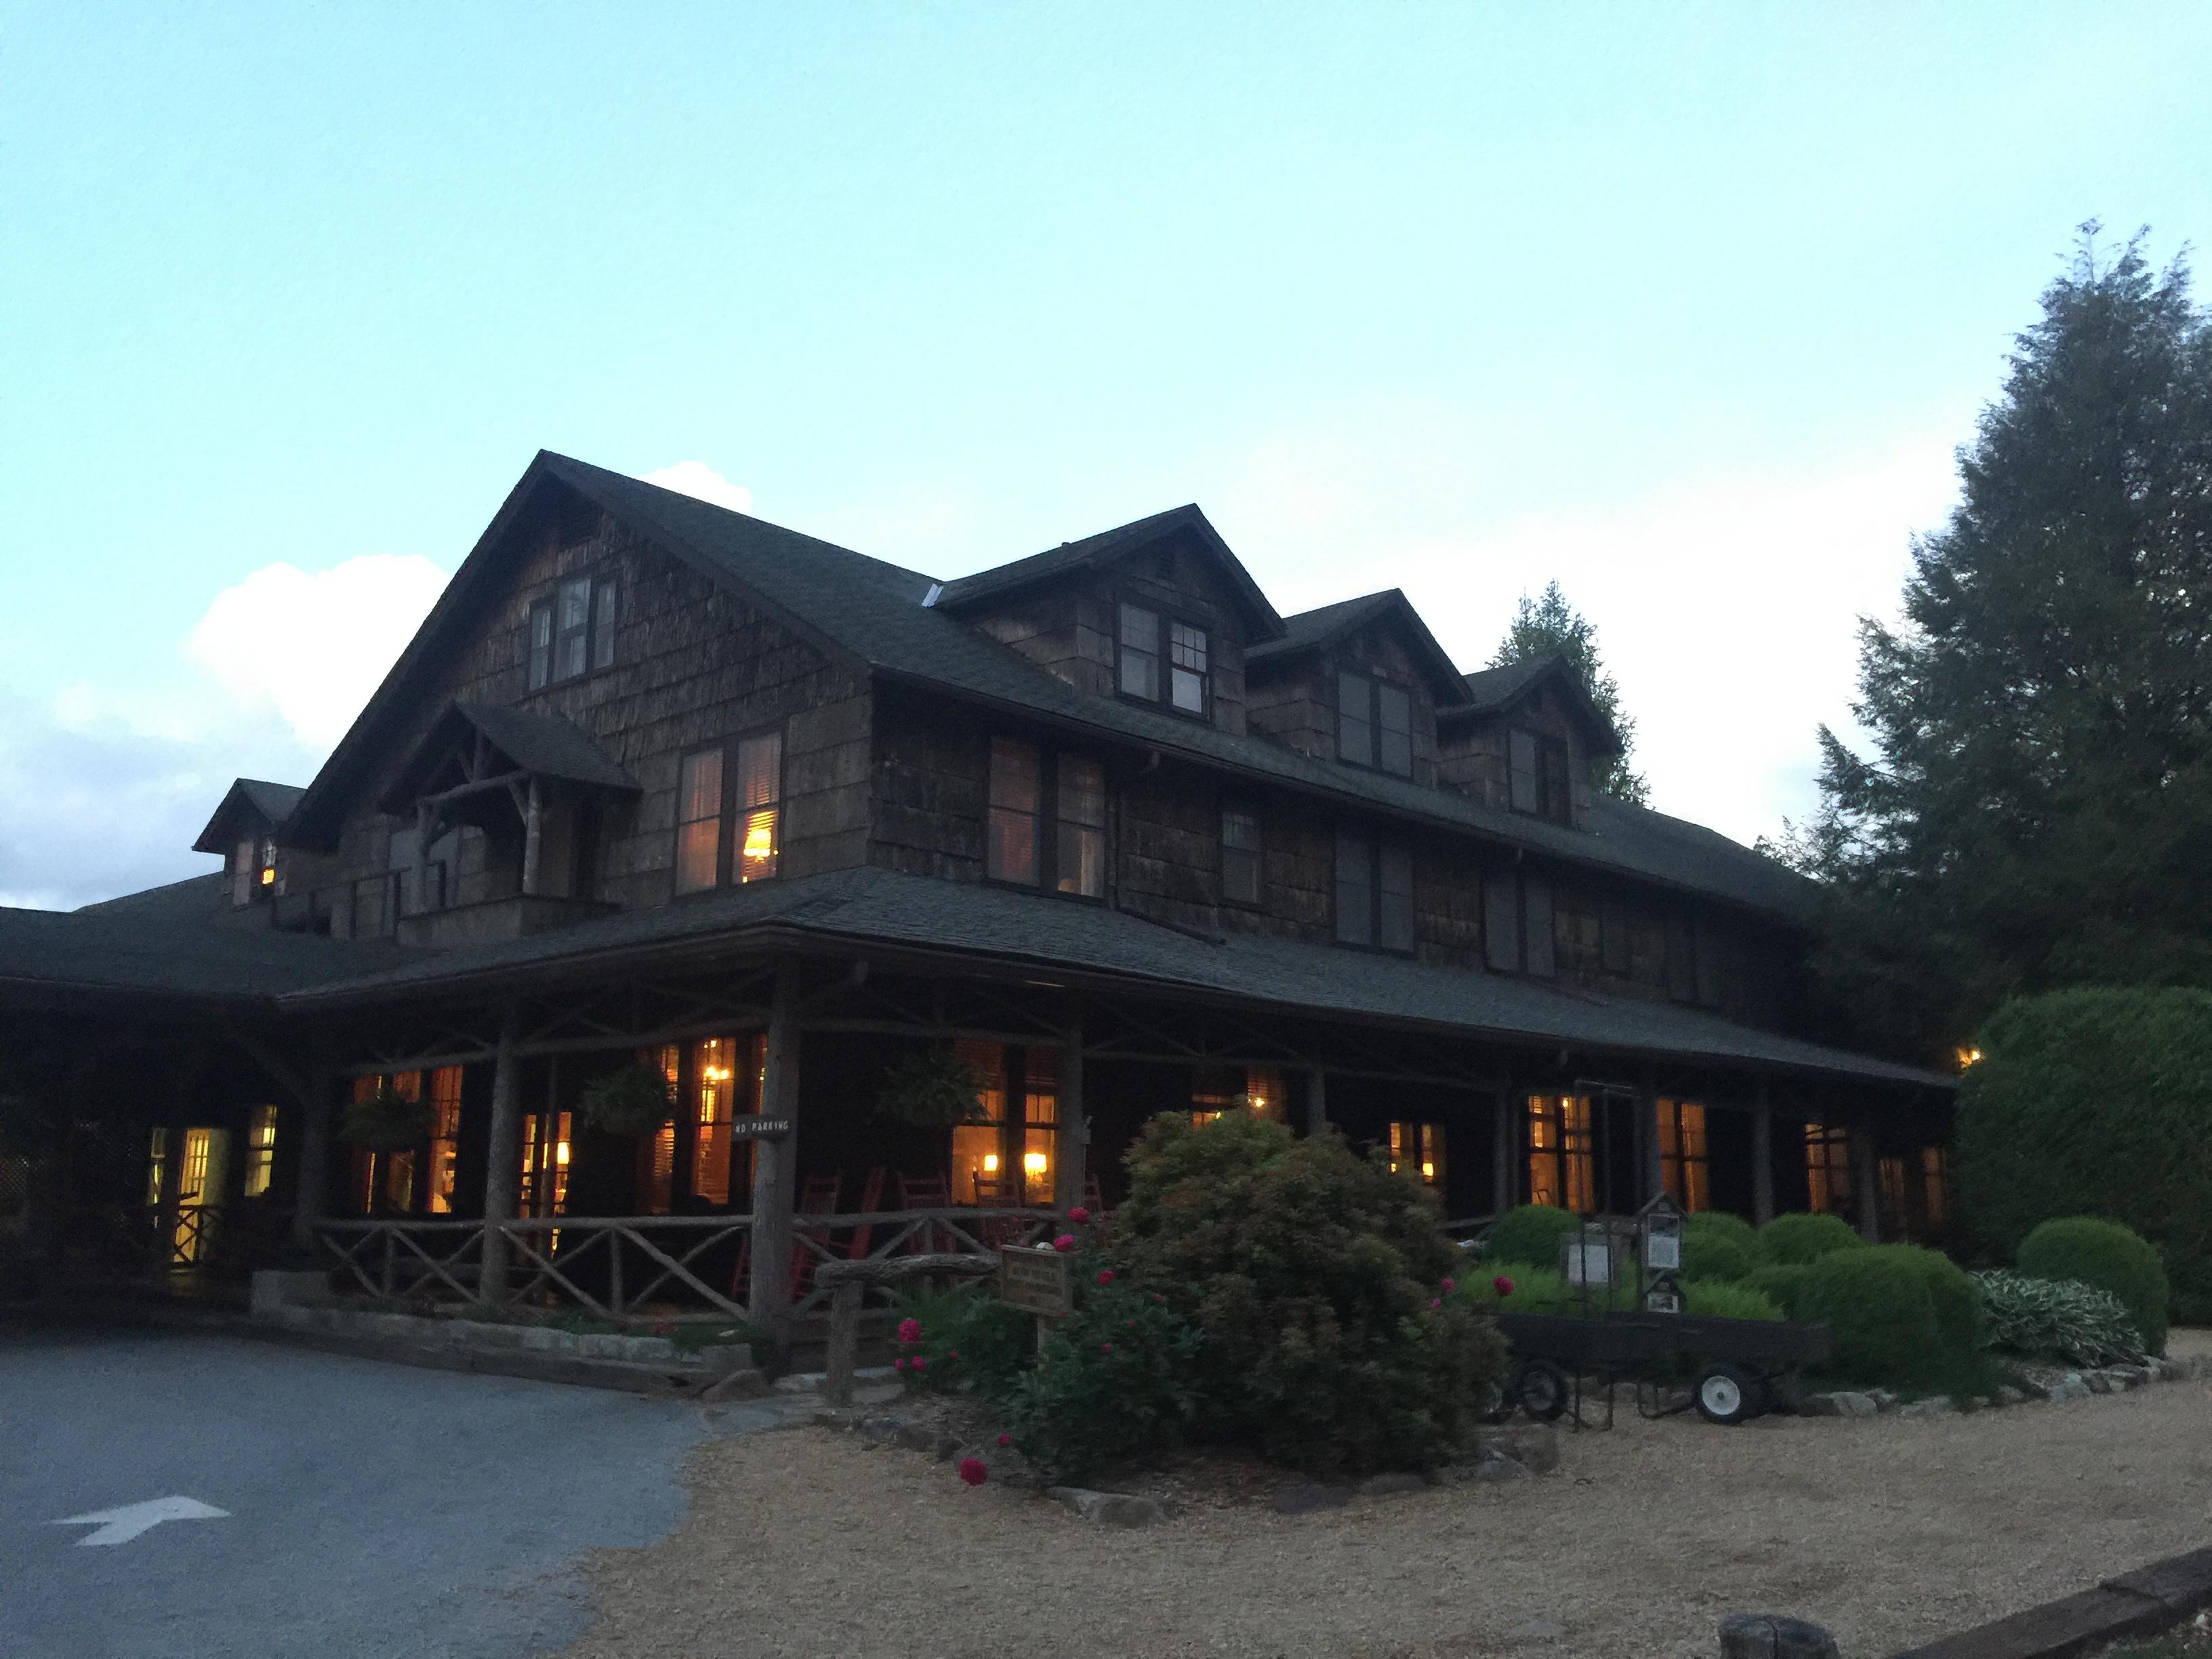 The Inn - High Hampton Inn & Country Club in Cashiers, NC.